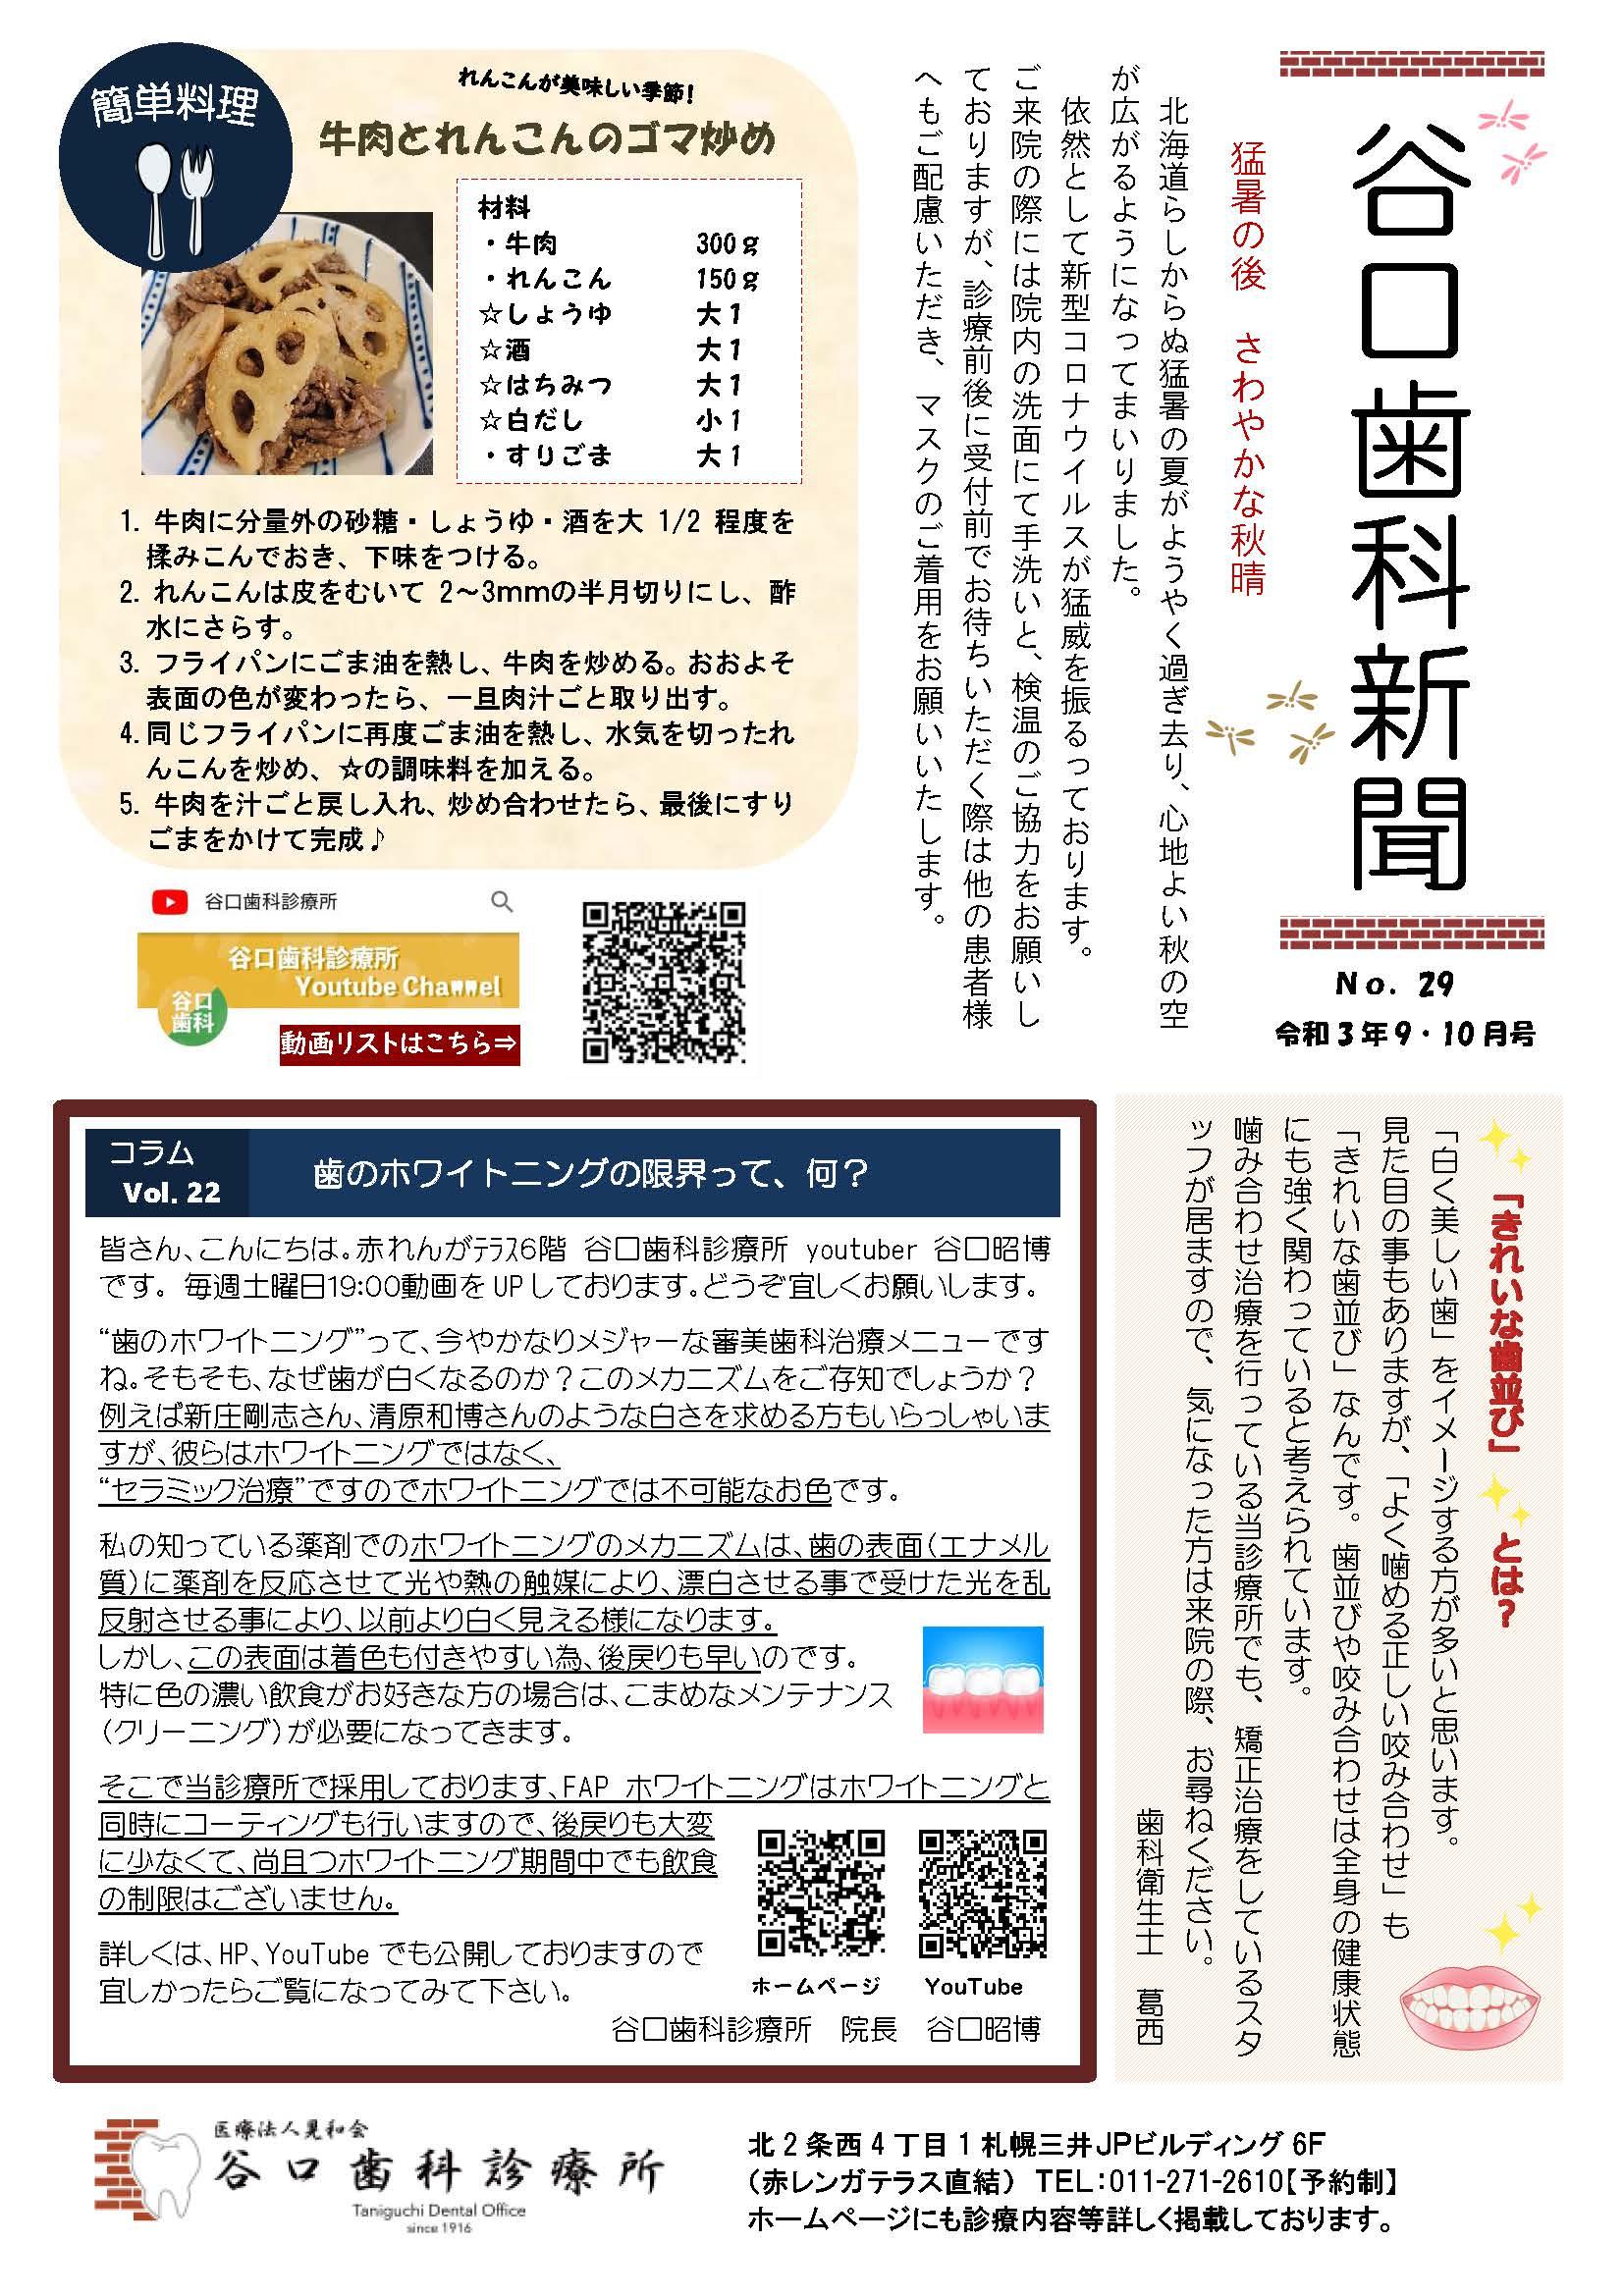 谷口歯科新聞R03年9・10月